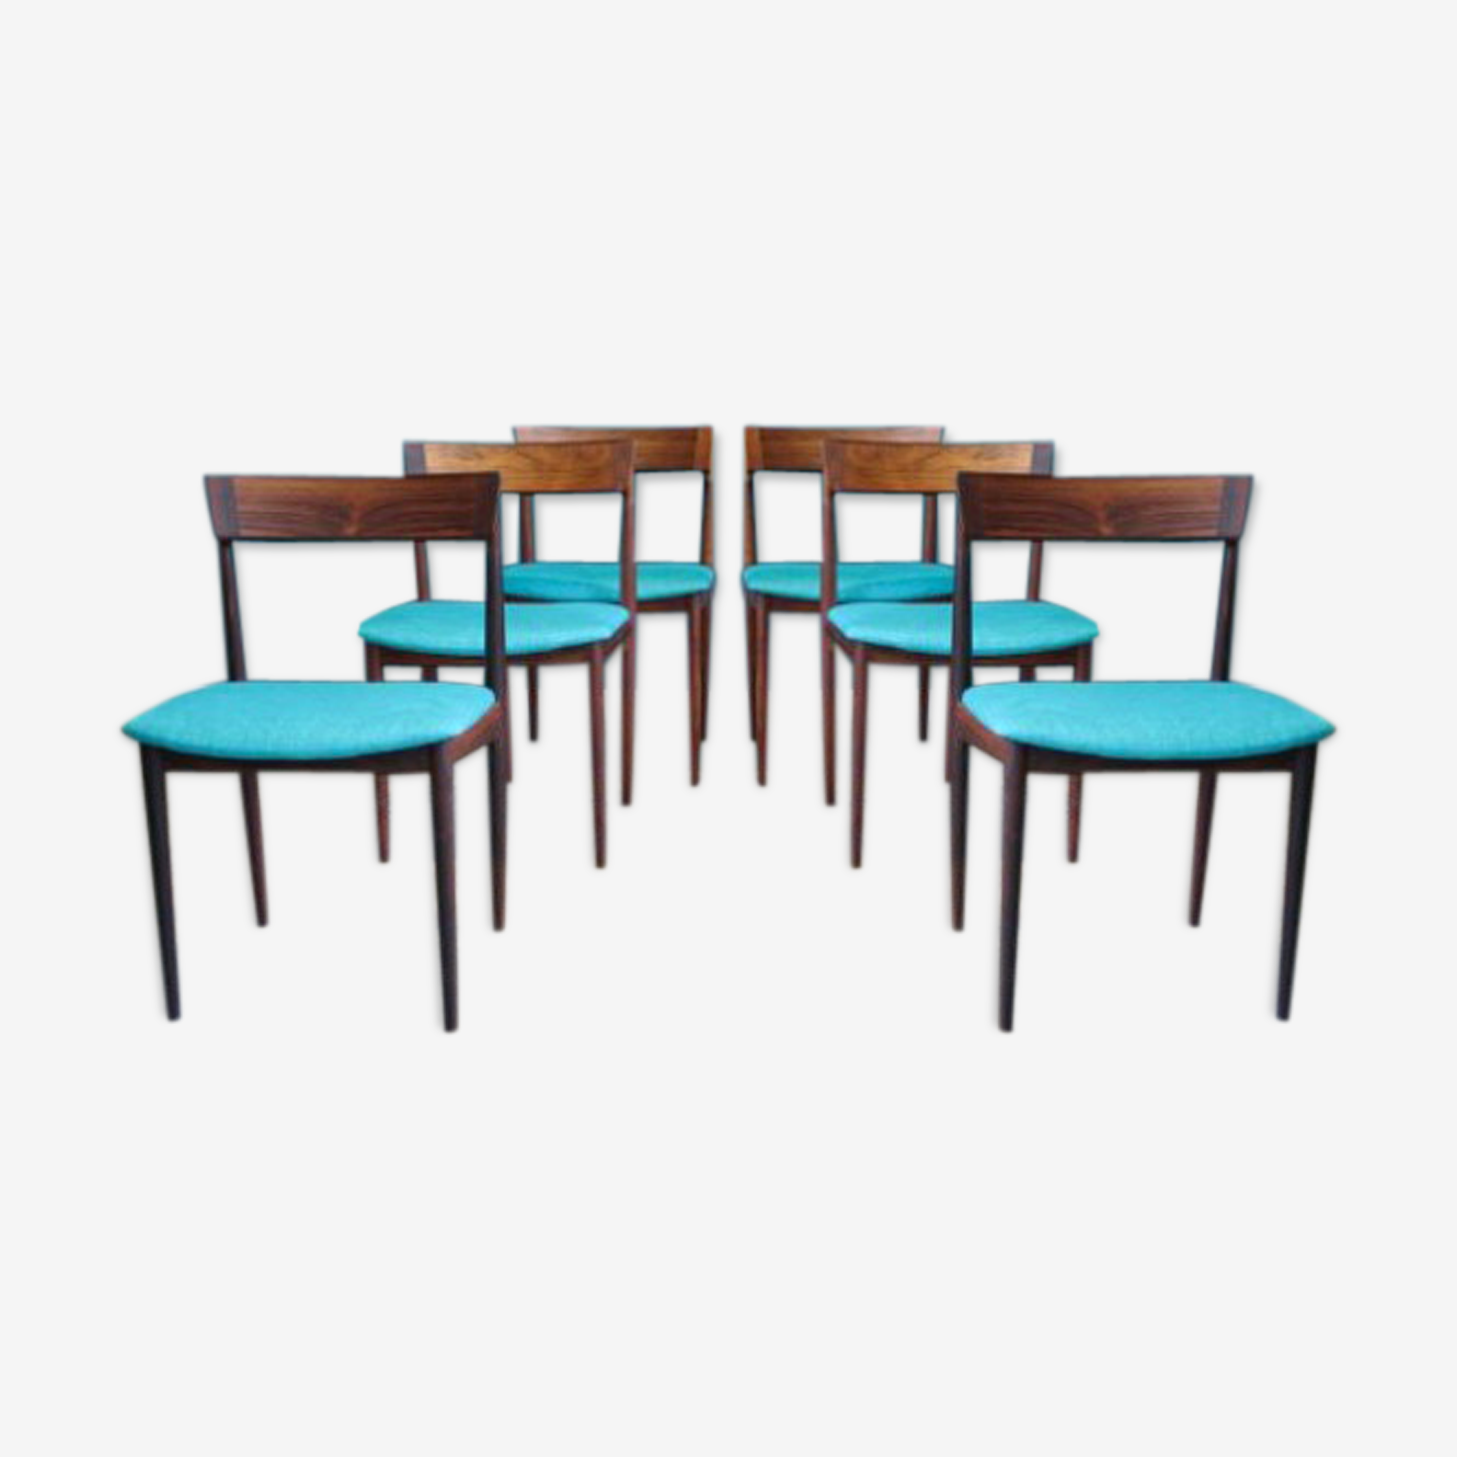 Lot de 6 chaises de salon, modèle 39, mid-century par Henry Rosengren Hansen pour Brande Mobelfabrik